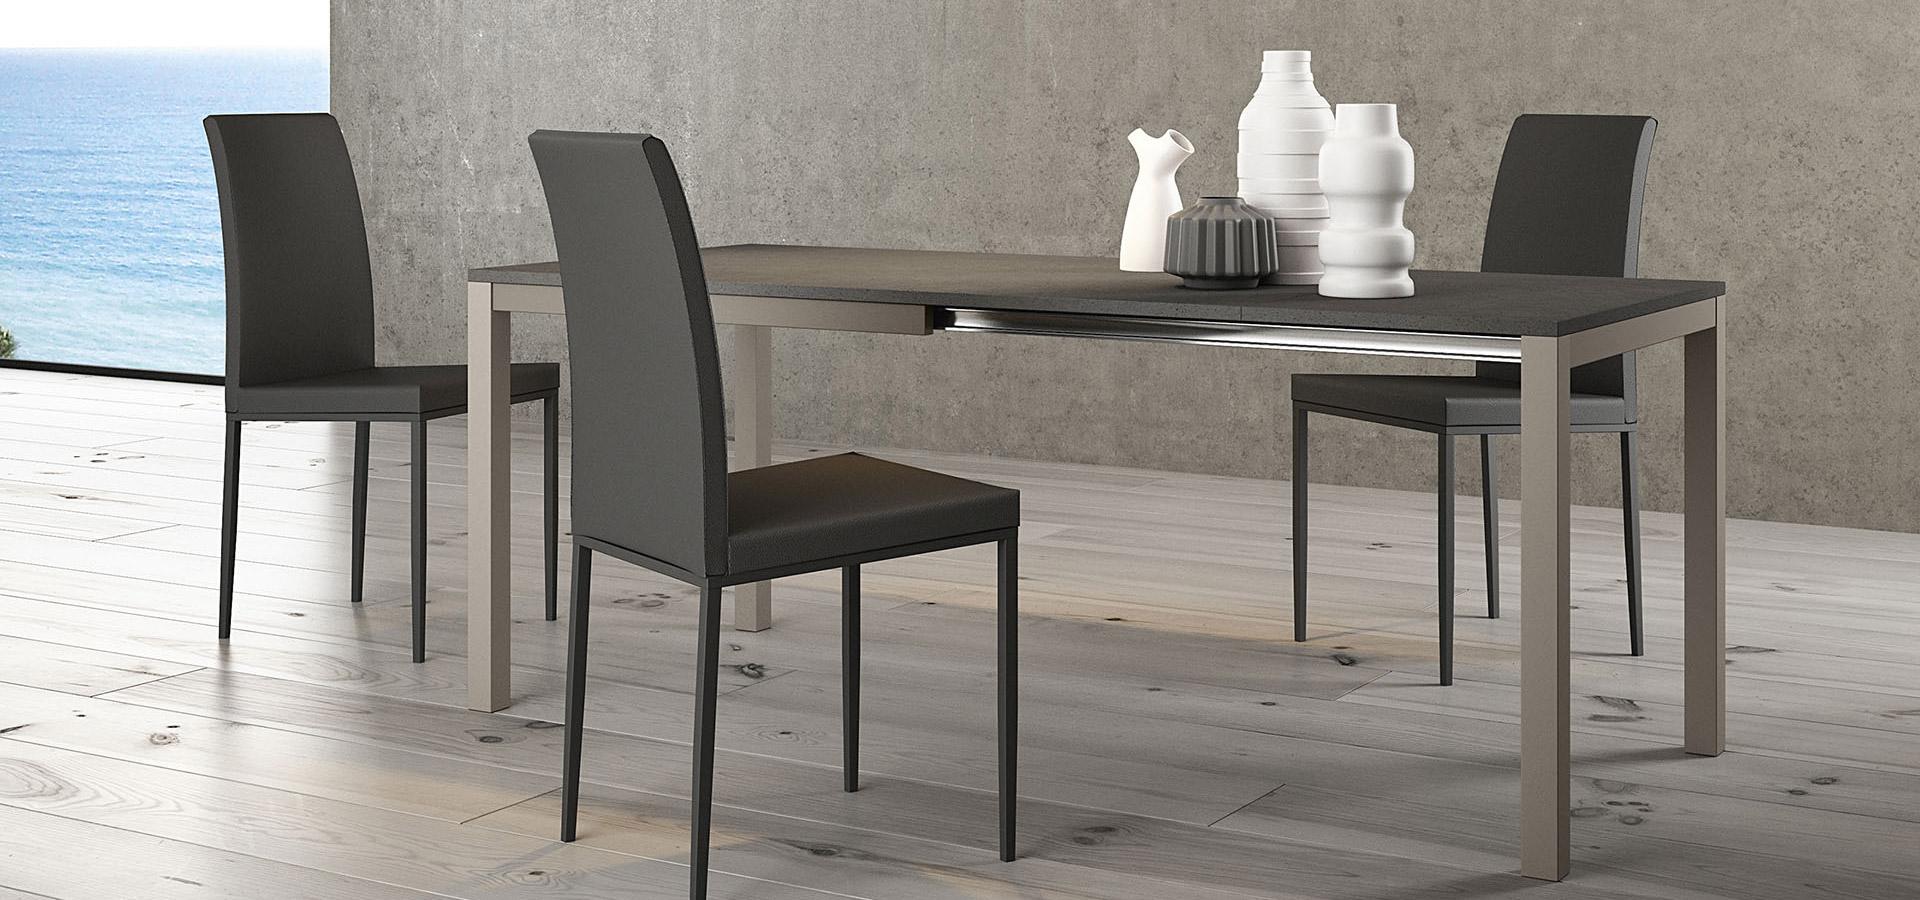 Tavolo matrix lui arredamenti - Dimensioni tavoli da cucina ...